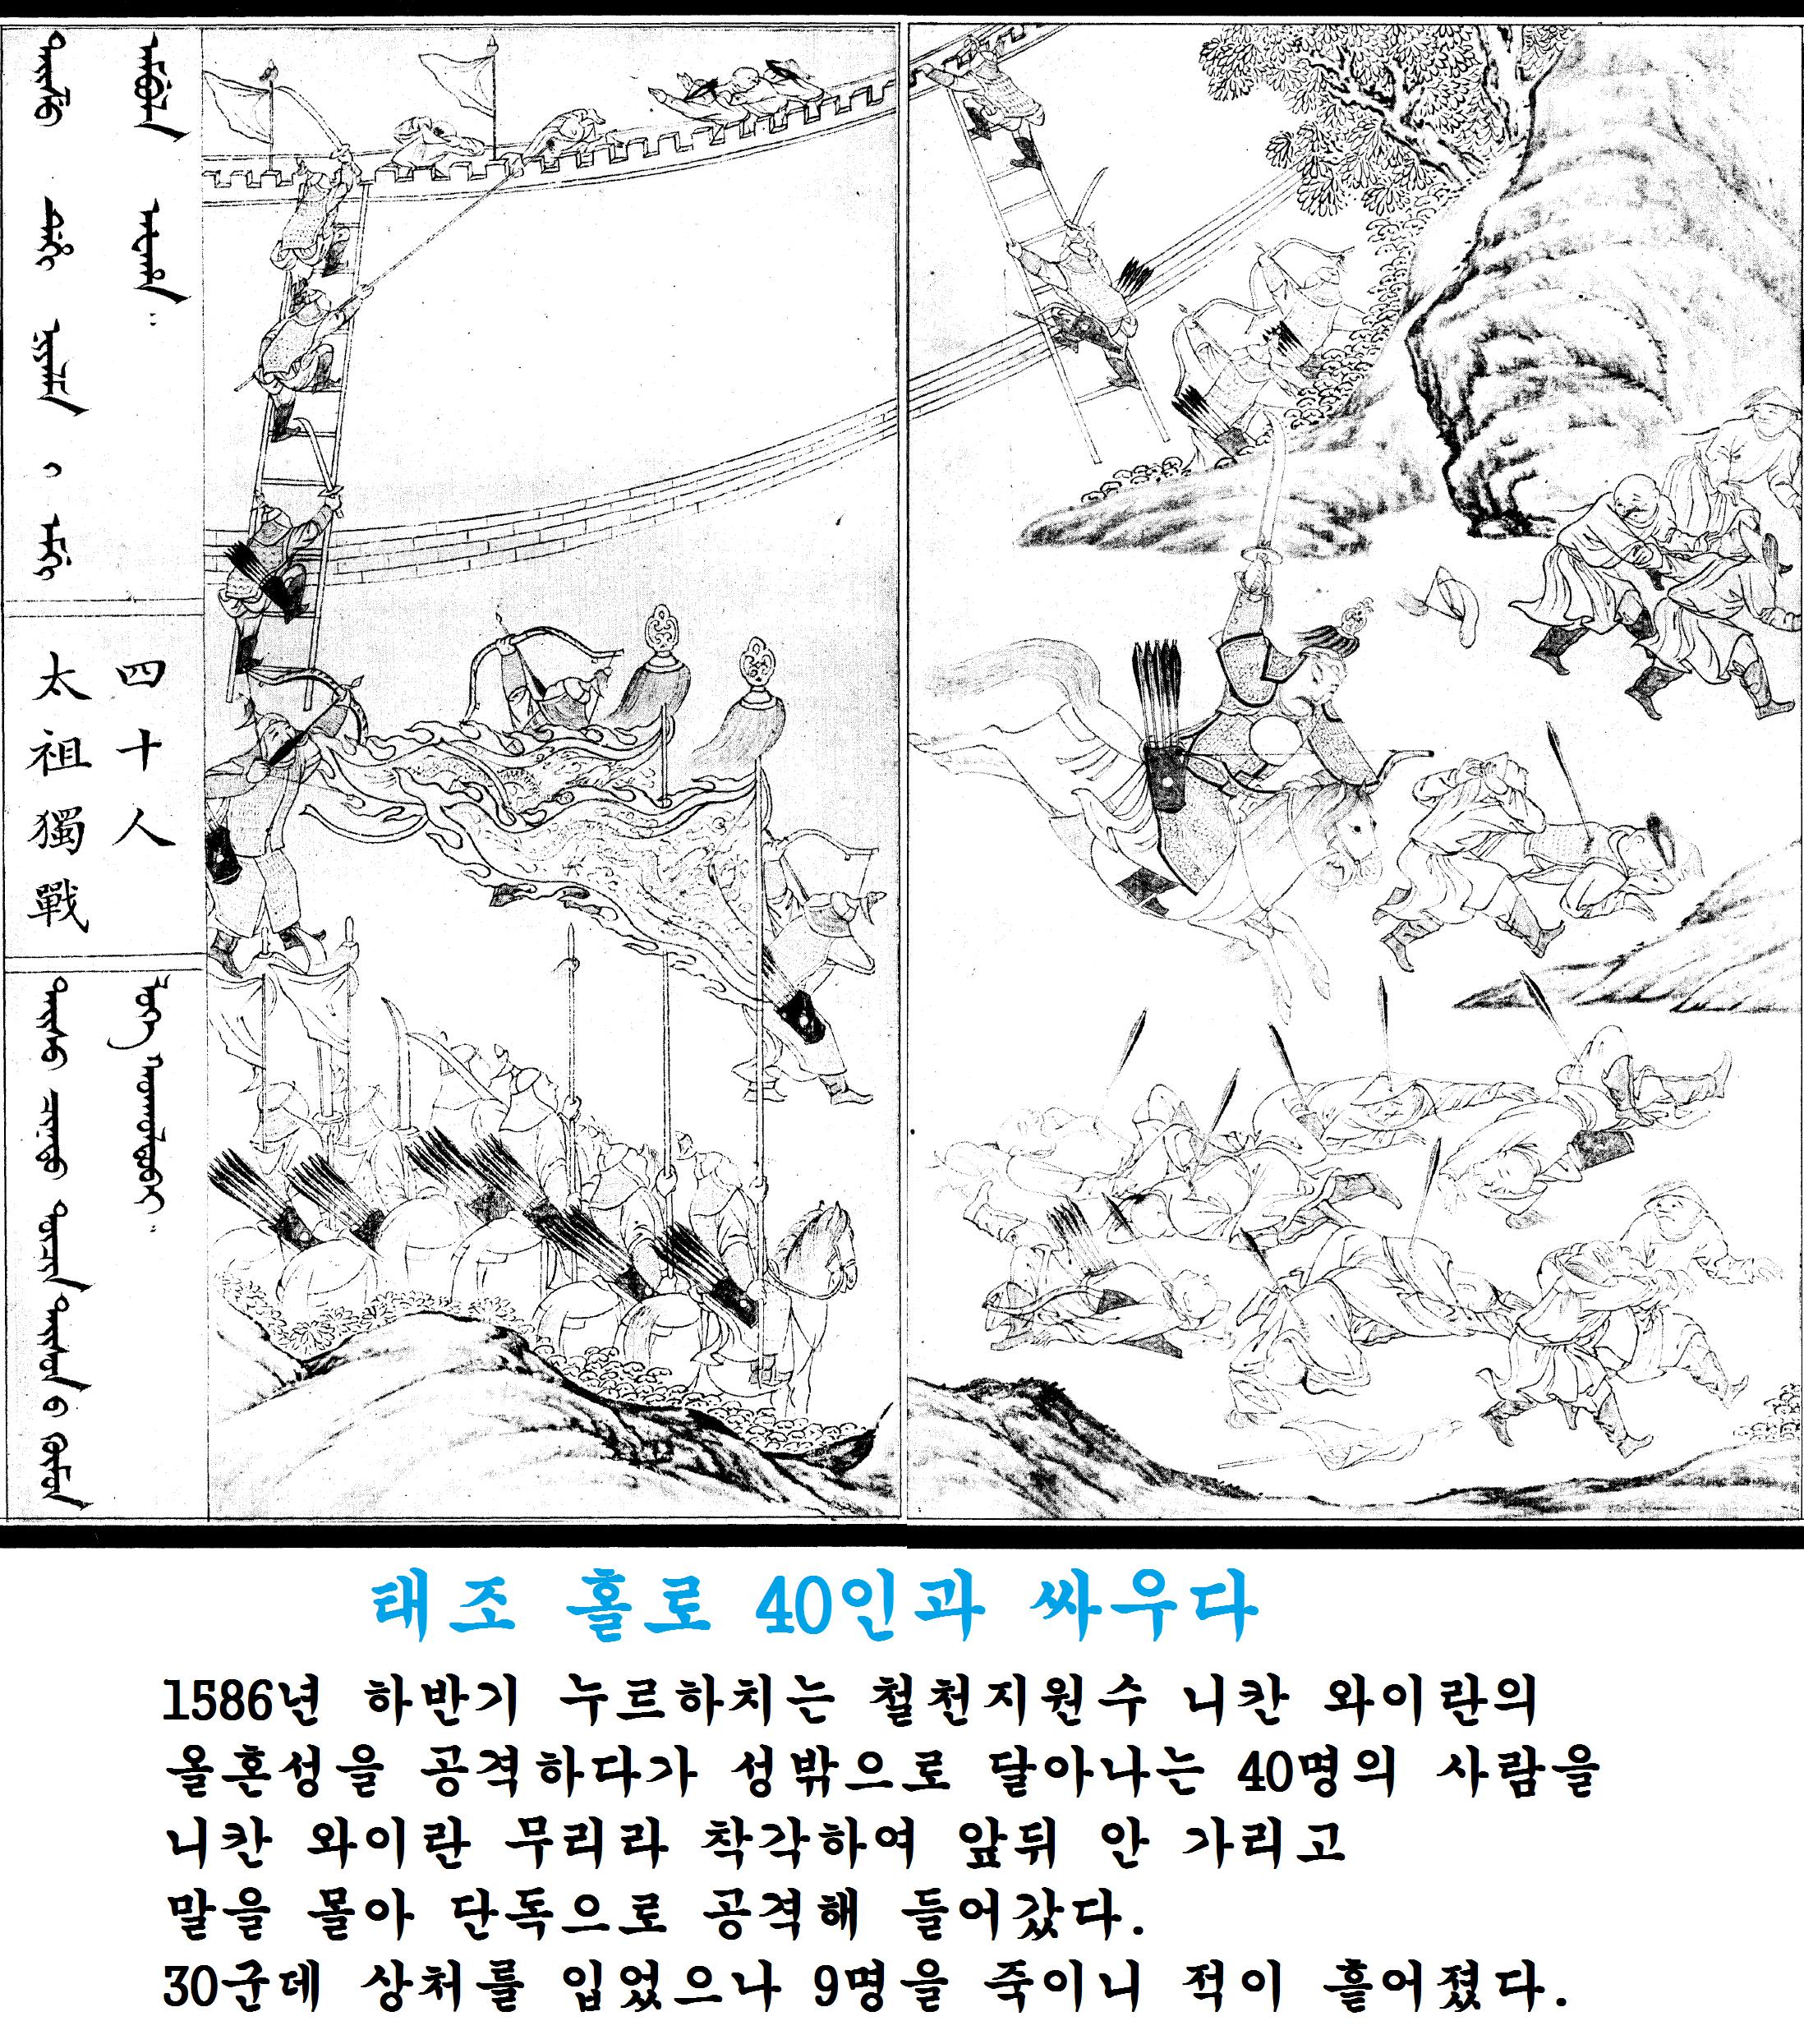 태조무황제 노아합기 국역 38부-철천지 원수 니강외랑..